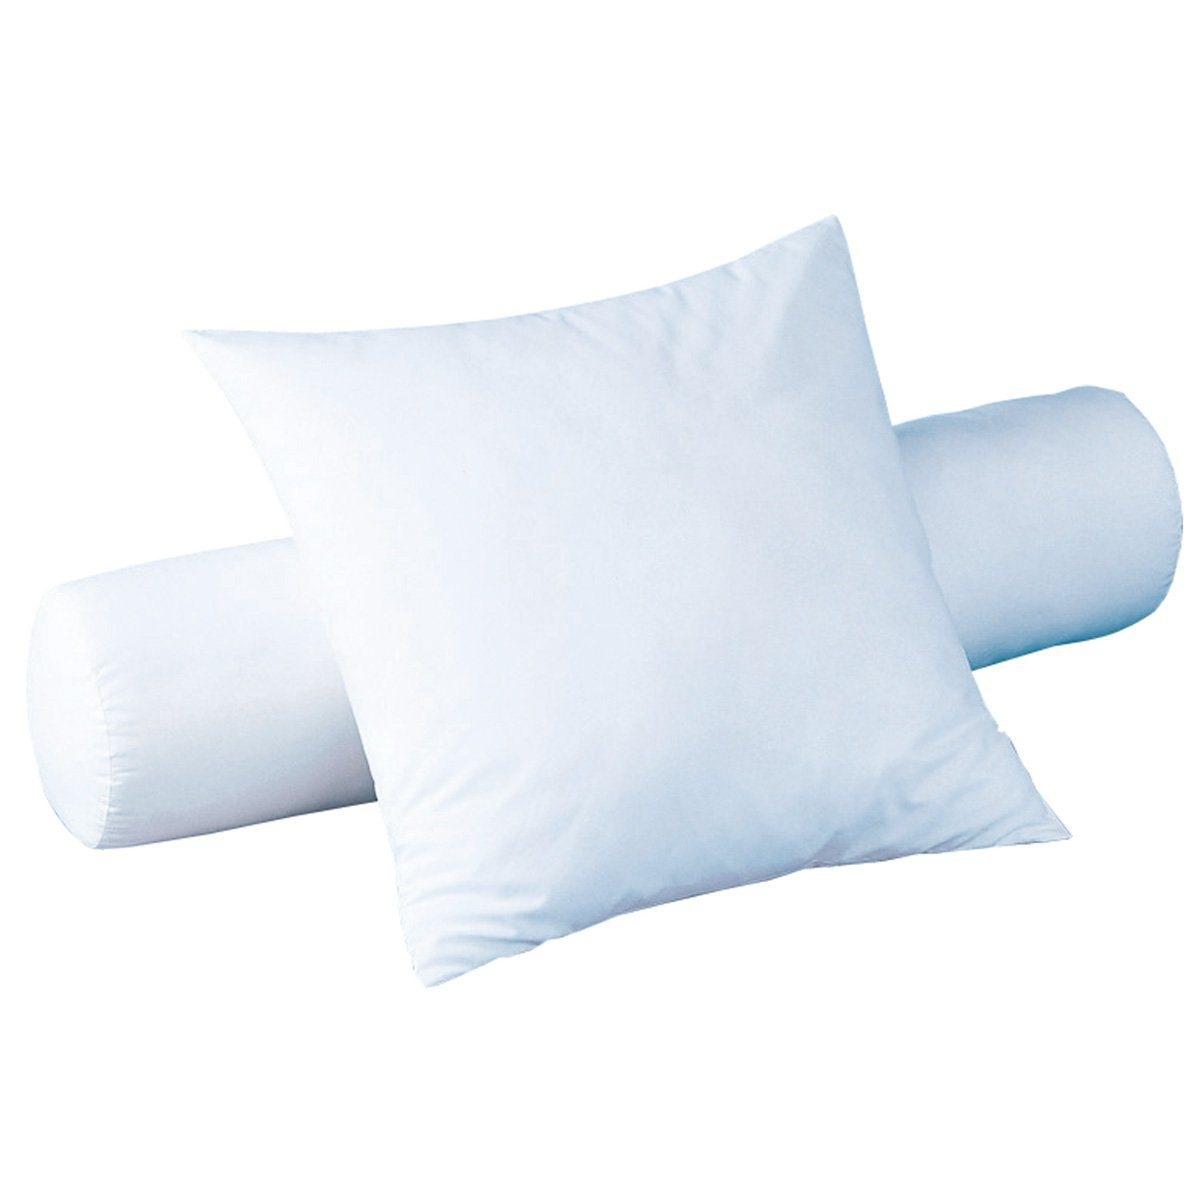 Подушка из синтетикиНевероятно пышная и упругая подушка, REVERIE Prestige . Наполнитель высокого качества из полых силиконизированных волокон 100% полиэстер с обработкой HOLLOFIL ALLERBAN, против клещей и гиппоаллергенная . Верх: 100% хлопок. Машинная стирка при 60 °С.НАПОЛНЕНИЕ : 100% полиэстер с полыми силиконизированными волокнами с обработкой HOLLOFIL ALLERBAN анти-клещевой и анти-аллергенной, подушка с невероятно удобной поддержкой, повторяющей форму головы .ЧЕХОЛ : 72% хлопка, 28% полиэстера.Уход : Стирка при 60 ° для идеальной гигиены .     Биоцидная обработка  Разм. в см.Продается поштучно или комплектом из 2 подушек.<br><br>Цвет: белый<br>Размер: 65 x 65  см.2 x 50 x 70 cm